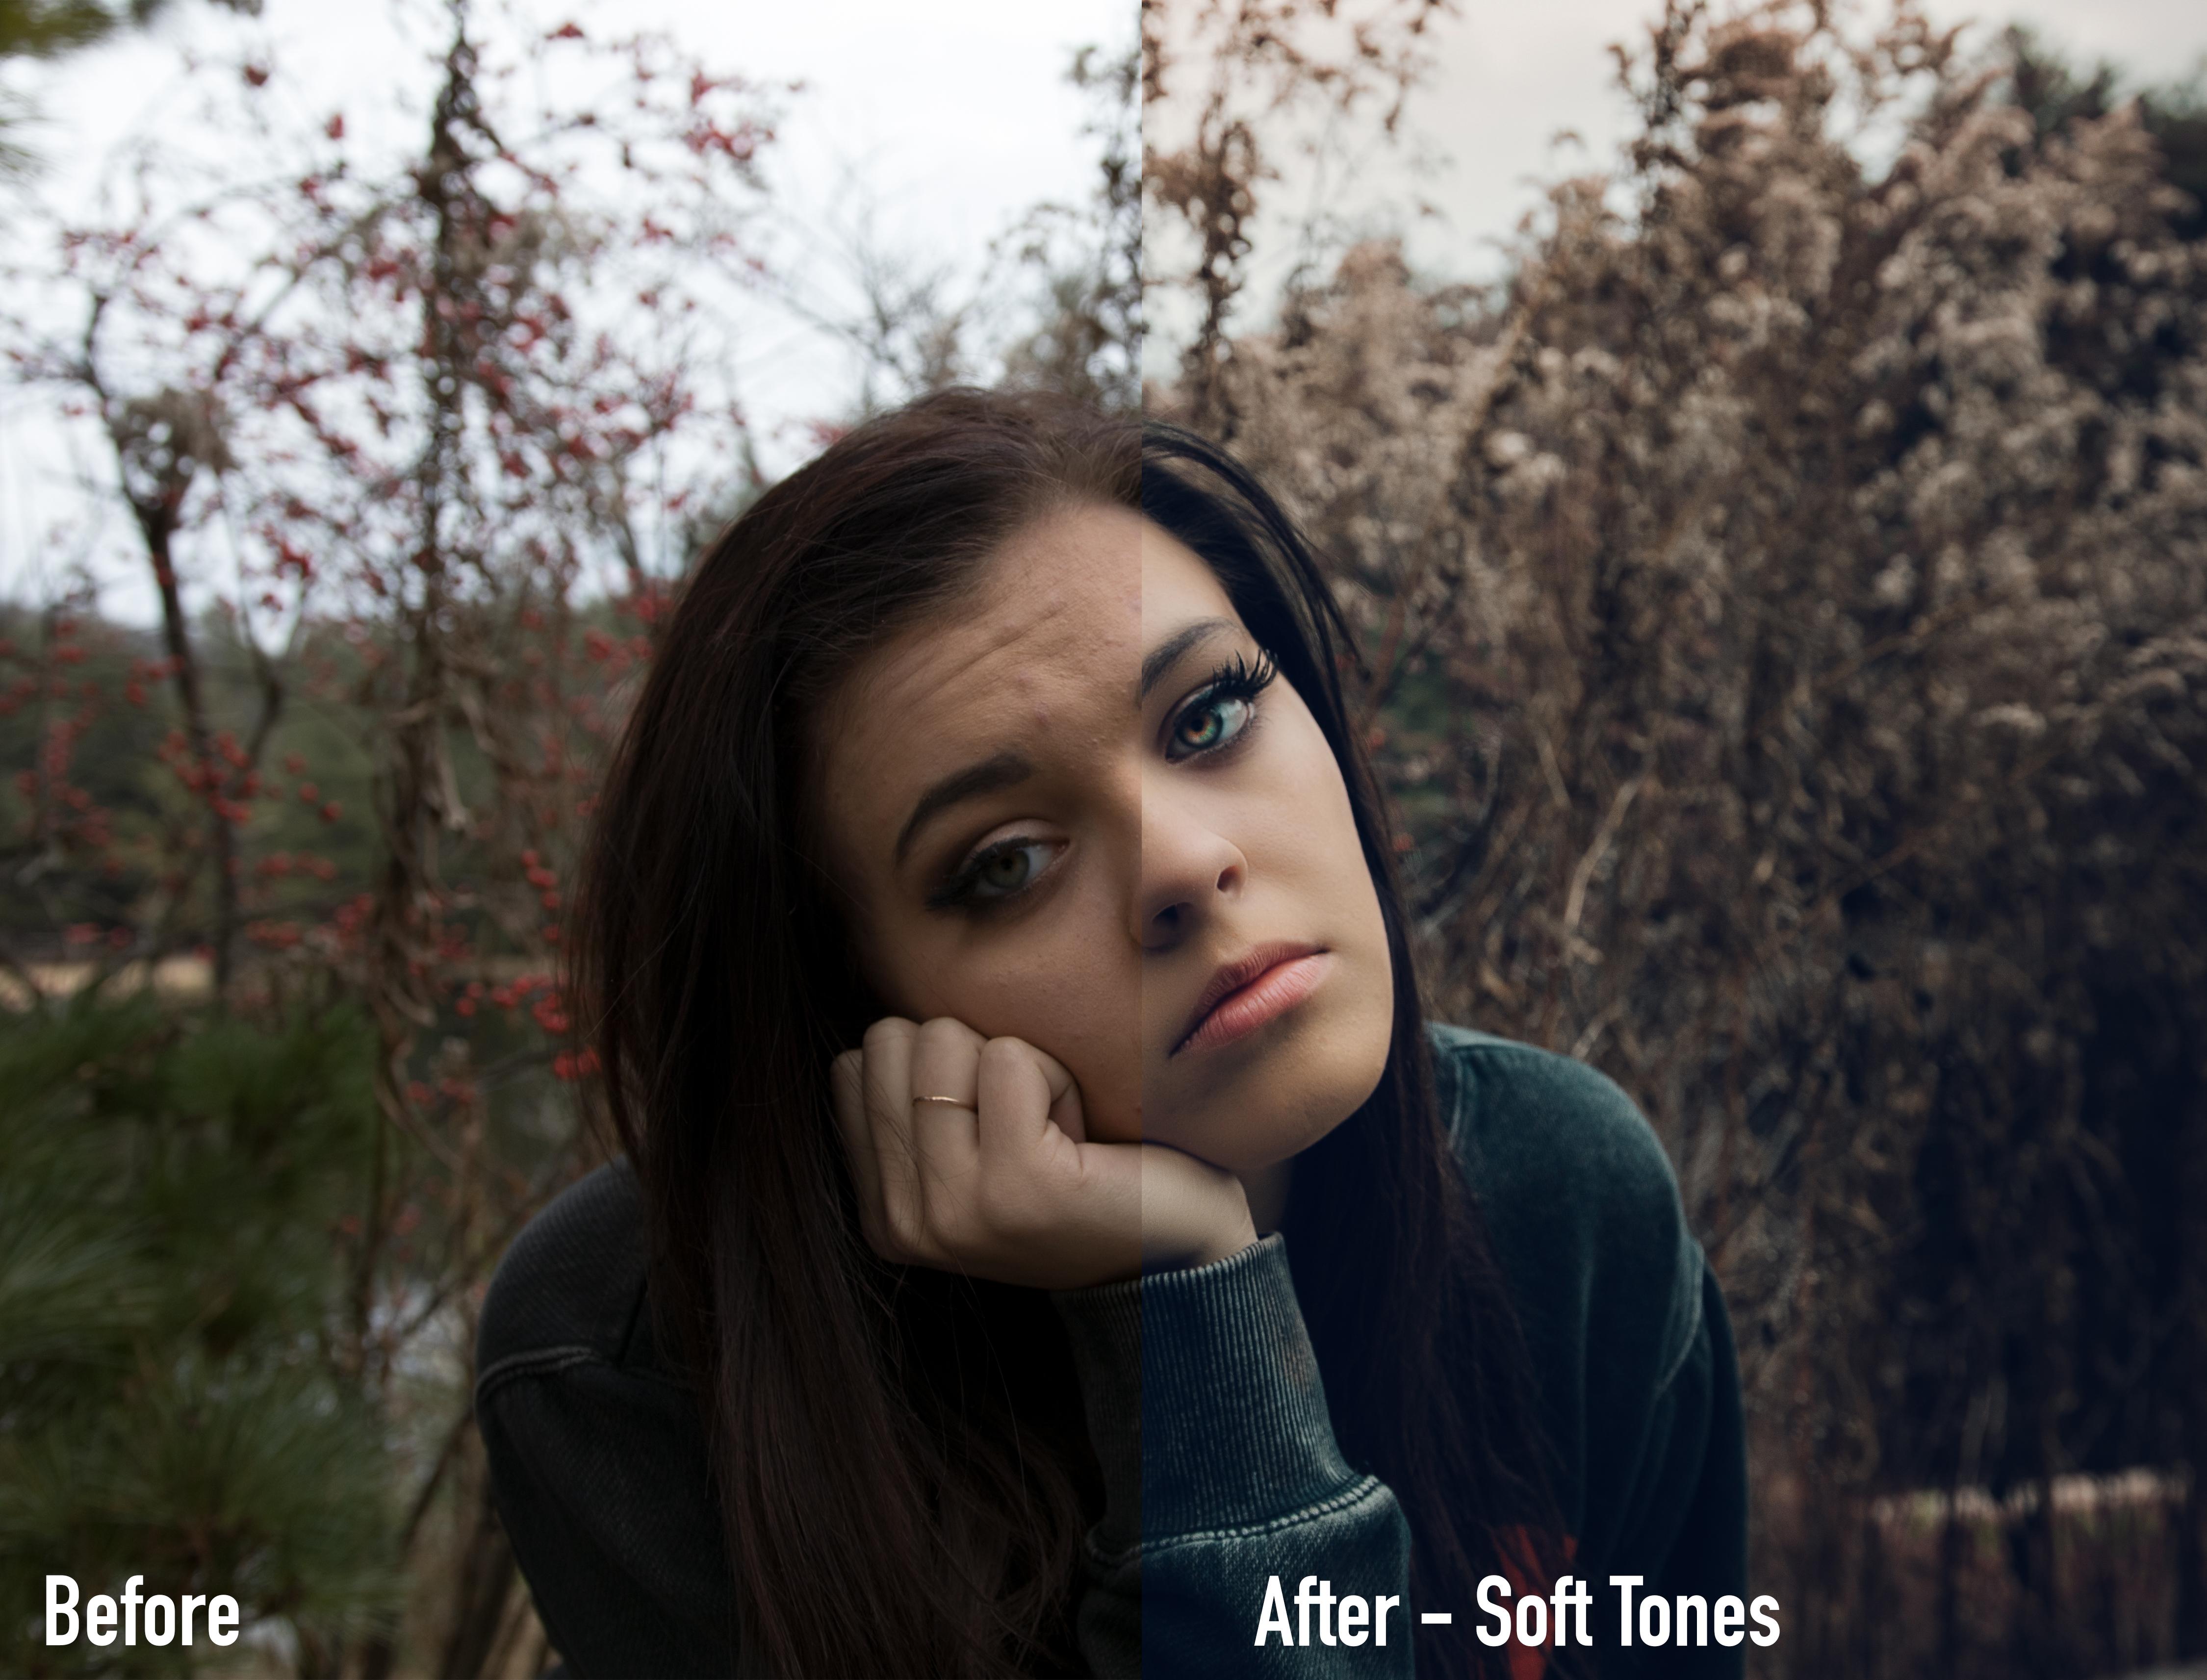 SOFTTONES - Moody Earth Tone Lightroom Presets by Brett Harpster - FilterGrade